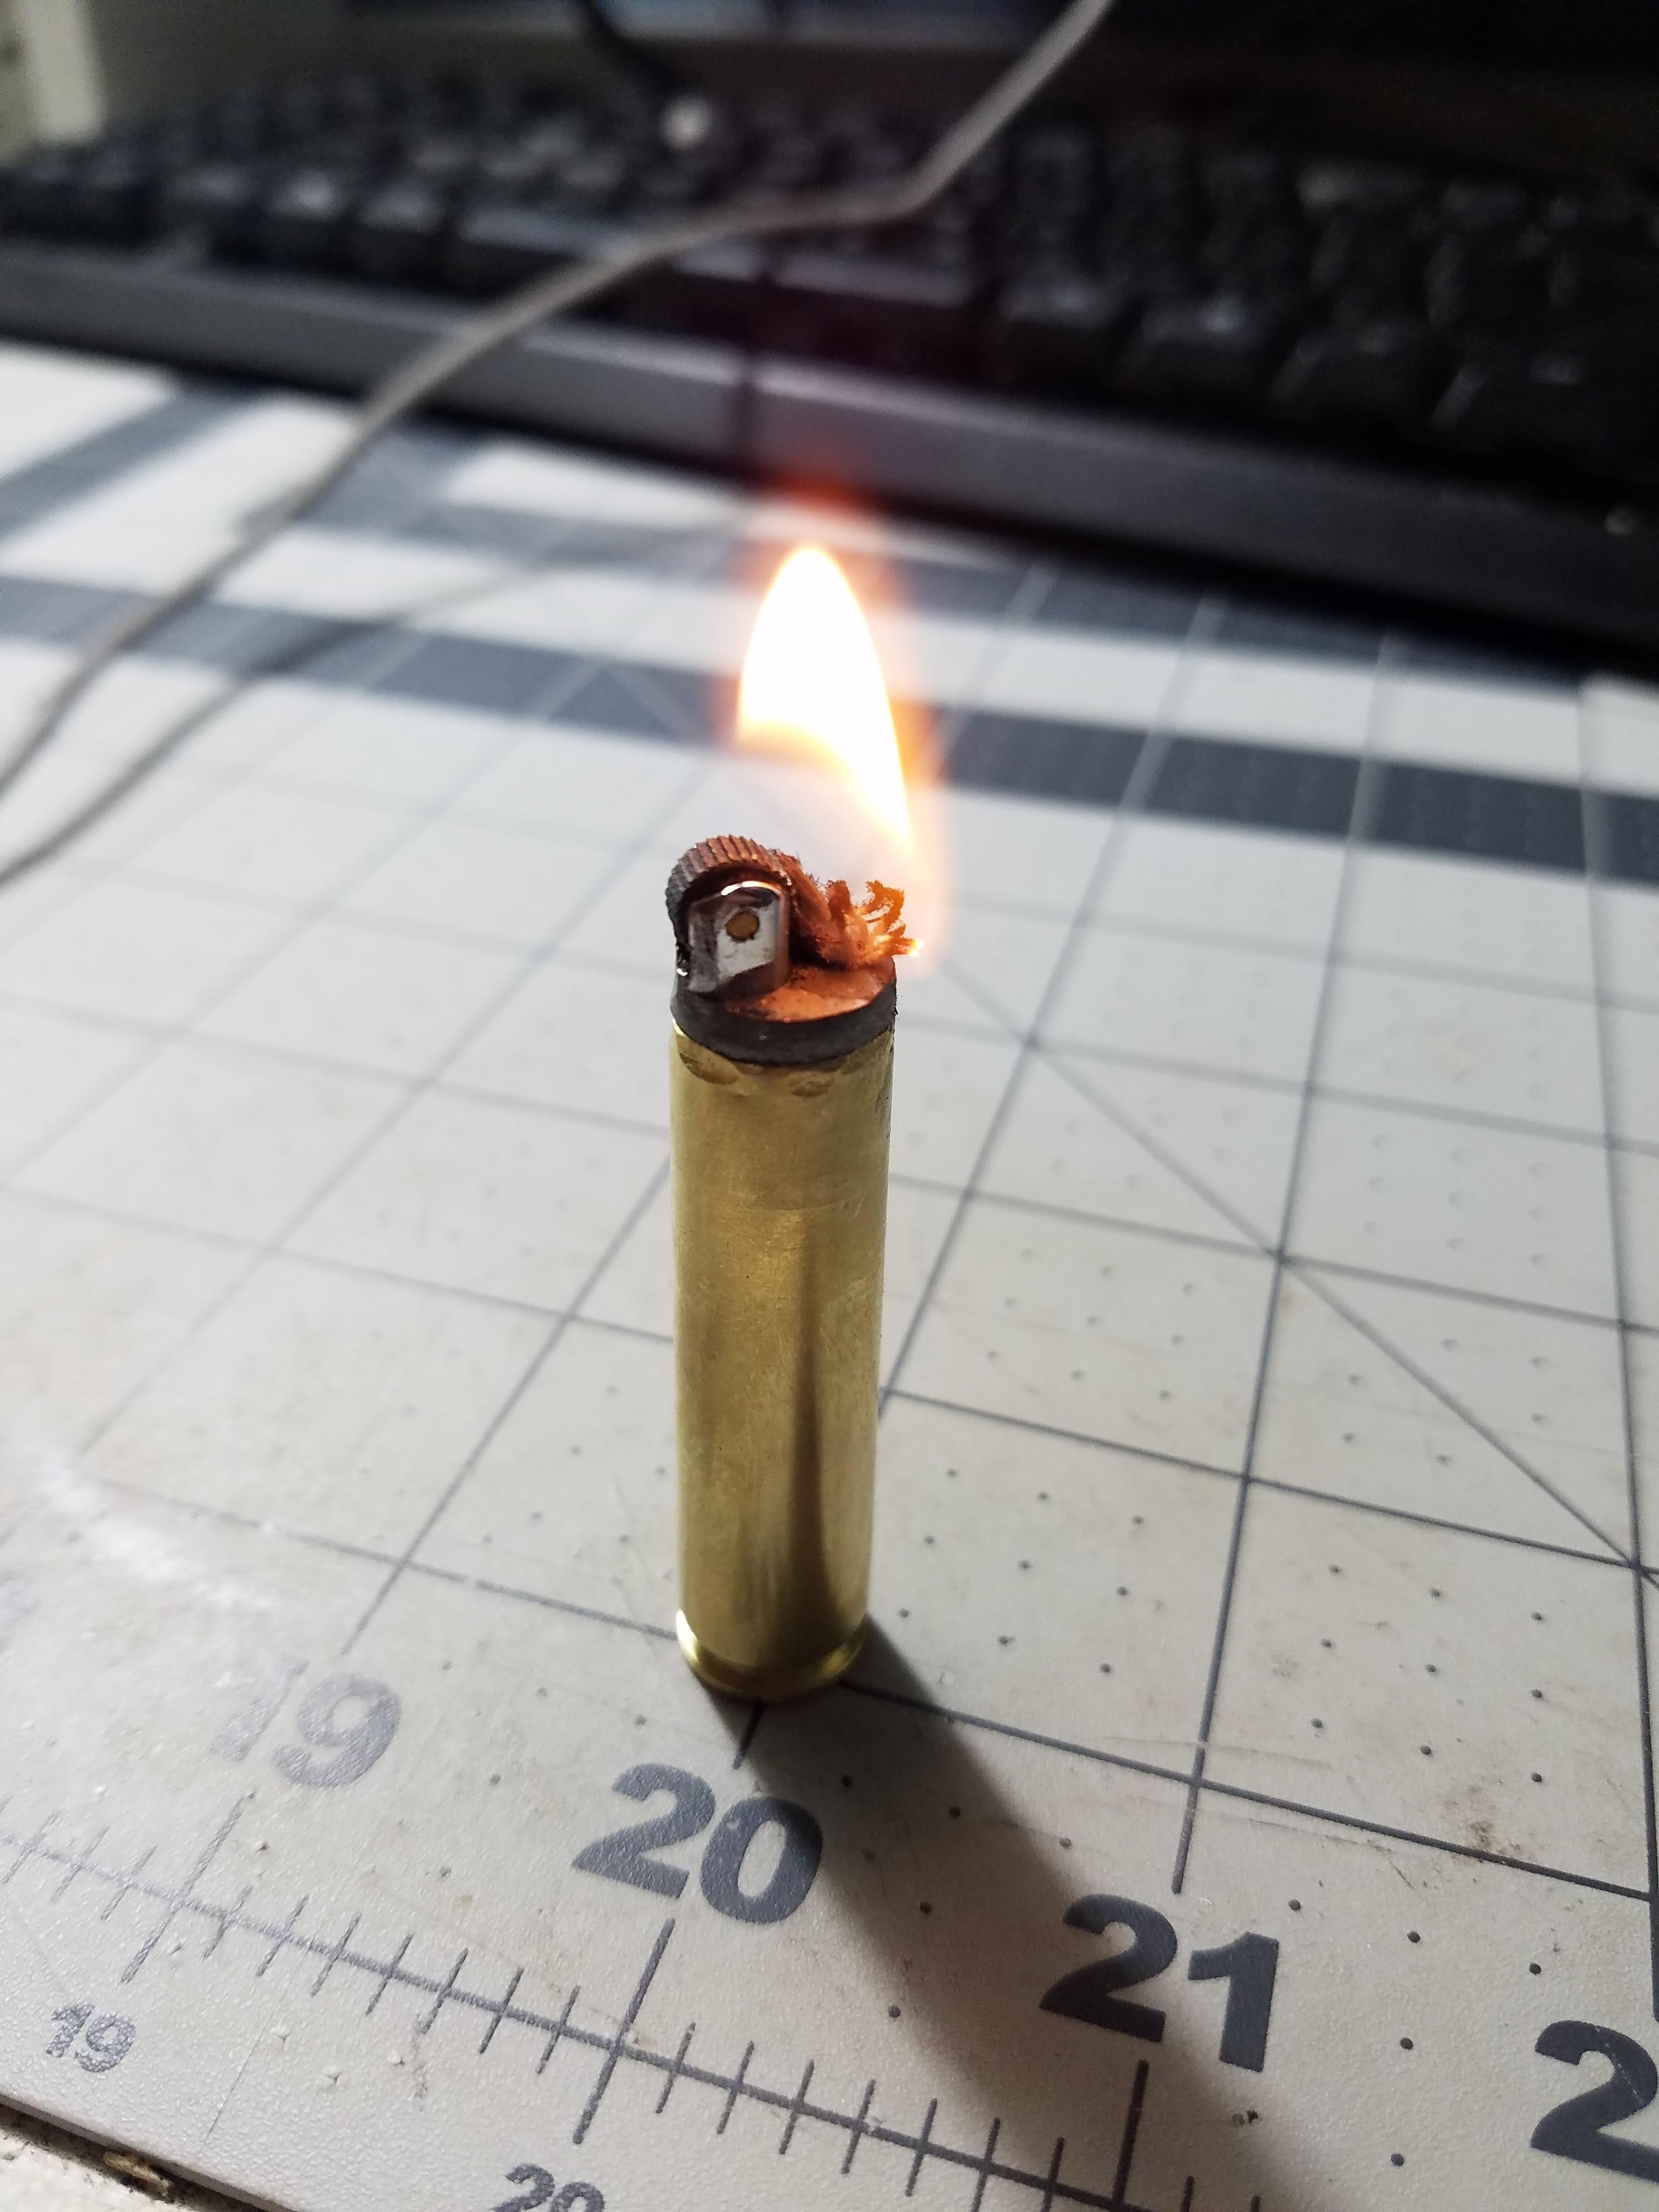 Diy bullet lighter quickcrafter bullet casing crafts